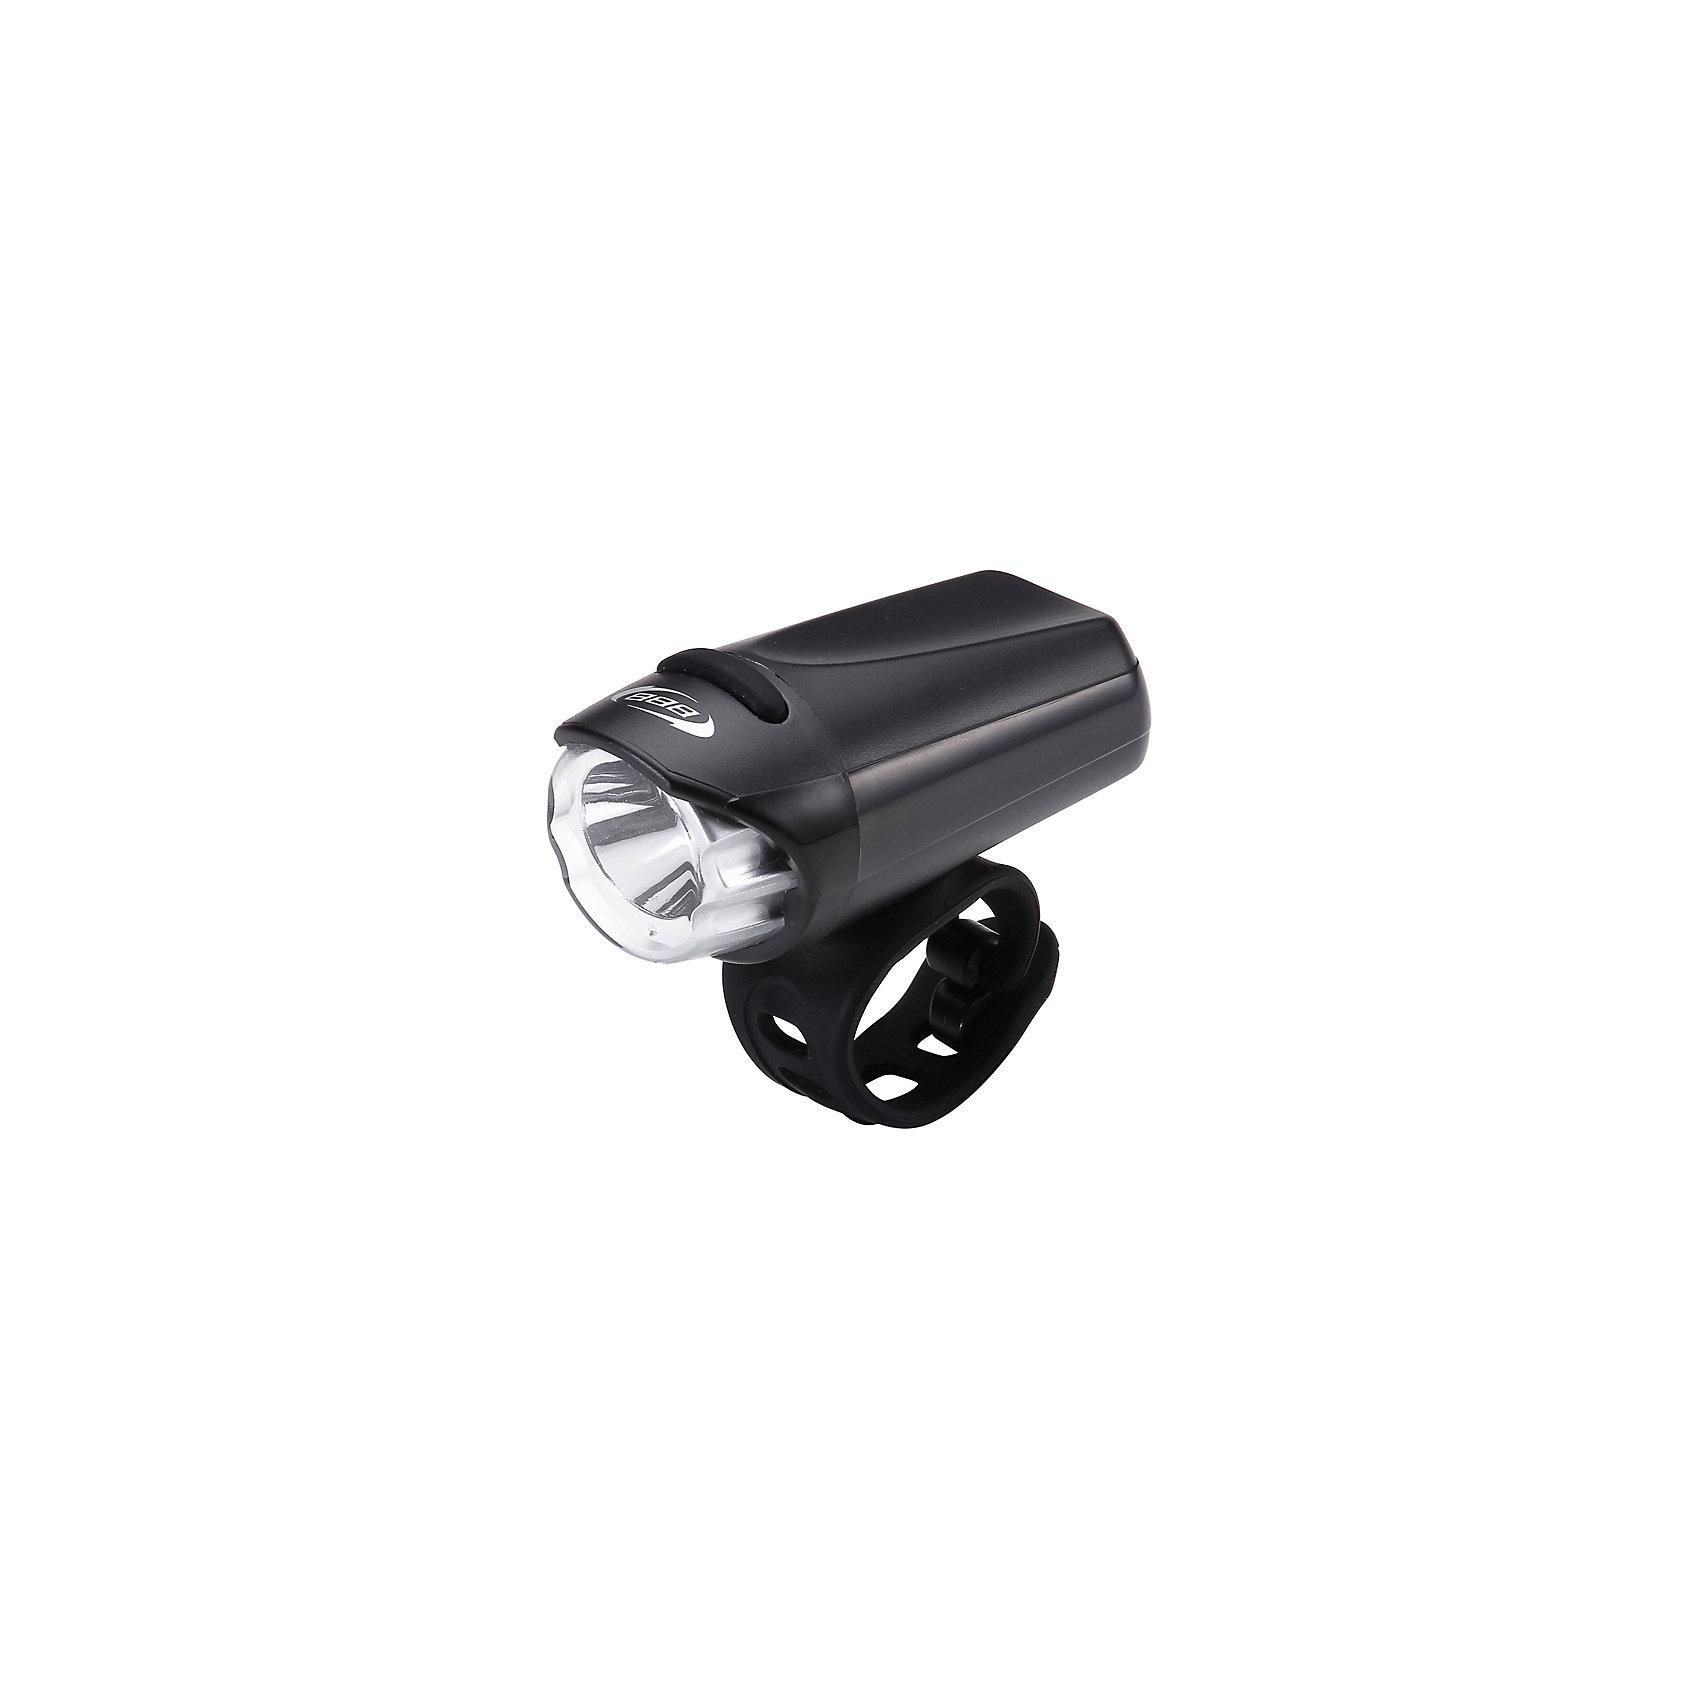 Фонарь передний EcoBeam, BBBАксеcсуары для велосипедов<br>Характеристики товара:  <br><br>• легкий и компактный фонарь<br>• используется яркий светодиод 0,3 Вт<br>• водонепроницаемы корпус<br>• экономичное потребление энергии для долгой работы<br>• резиновая кнопка такого же цвета как и хомут<br>• 2 режима: свет и мигающий<br>• вес: 74 гр<br>• размер: 83 х 38 х 37 мм<br><br>Фонарь передний EcoBeam, BBB можно купить в нашем интернет-магазине.<br><br>Ширина мм: 120<br>Глубина мм: 120<br>Высота мм: 30<br>Вес г: 99<br>Возраст от месяцев: 36<br>Возраст до месяцев: 144<br>Пол: Унисекс<br>Возраст: Детский<br>SKU: 5569402